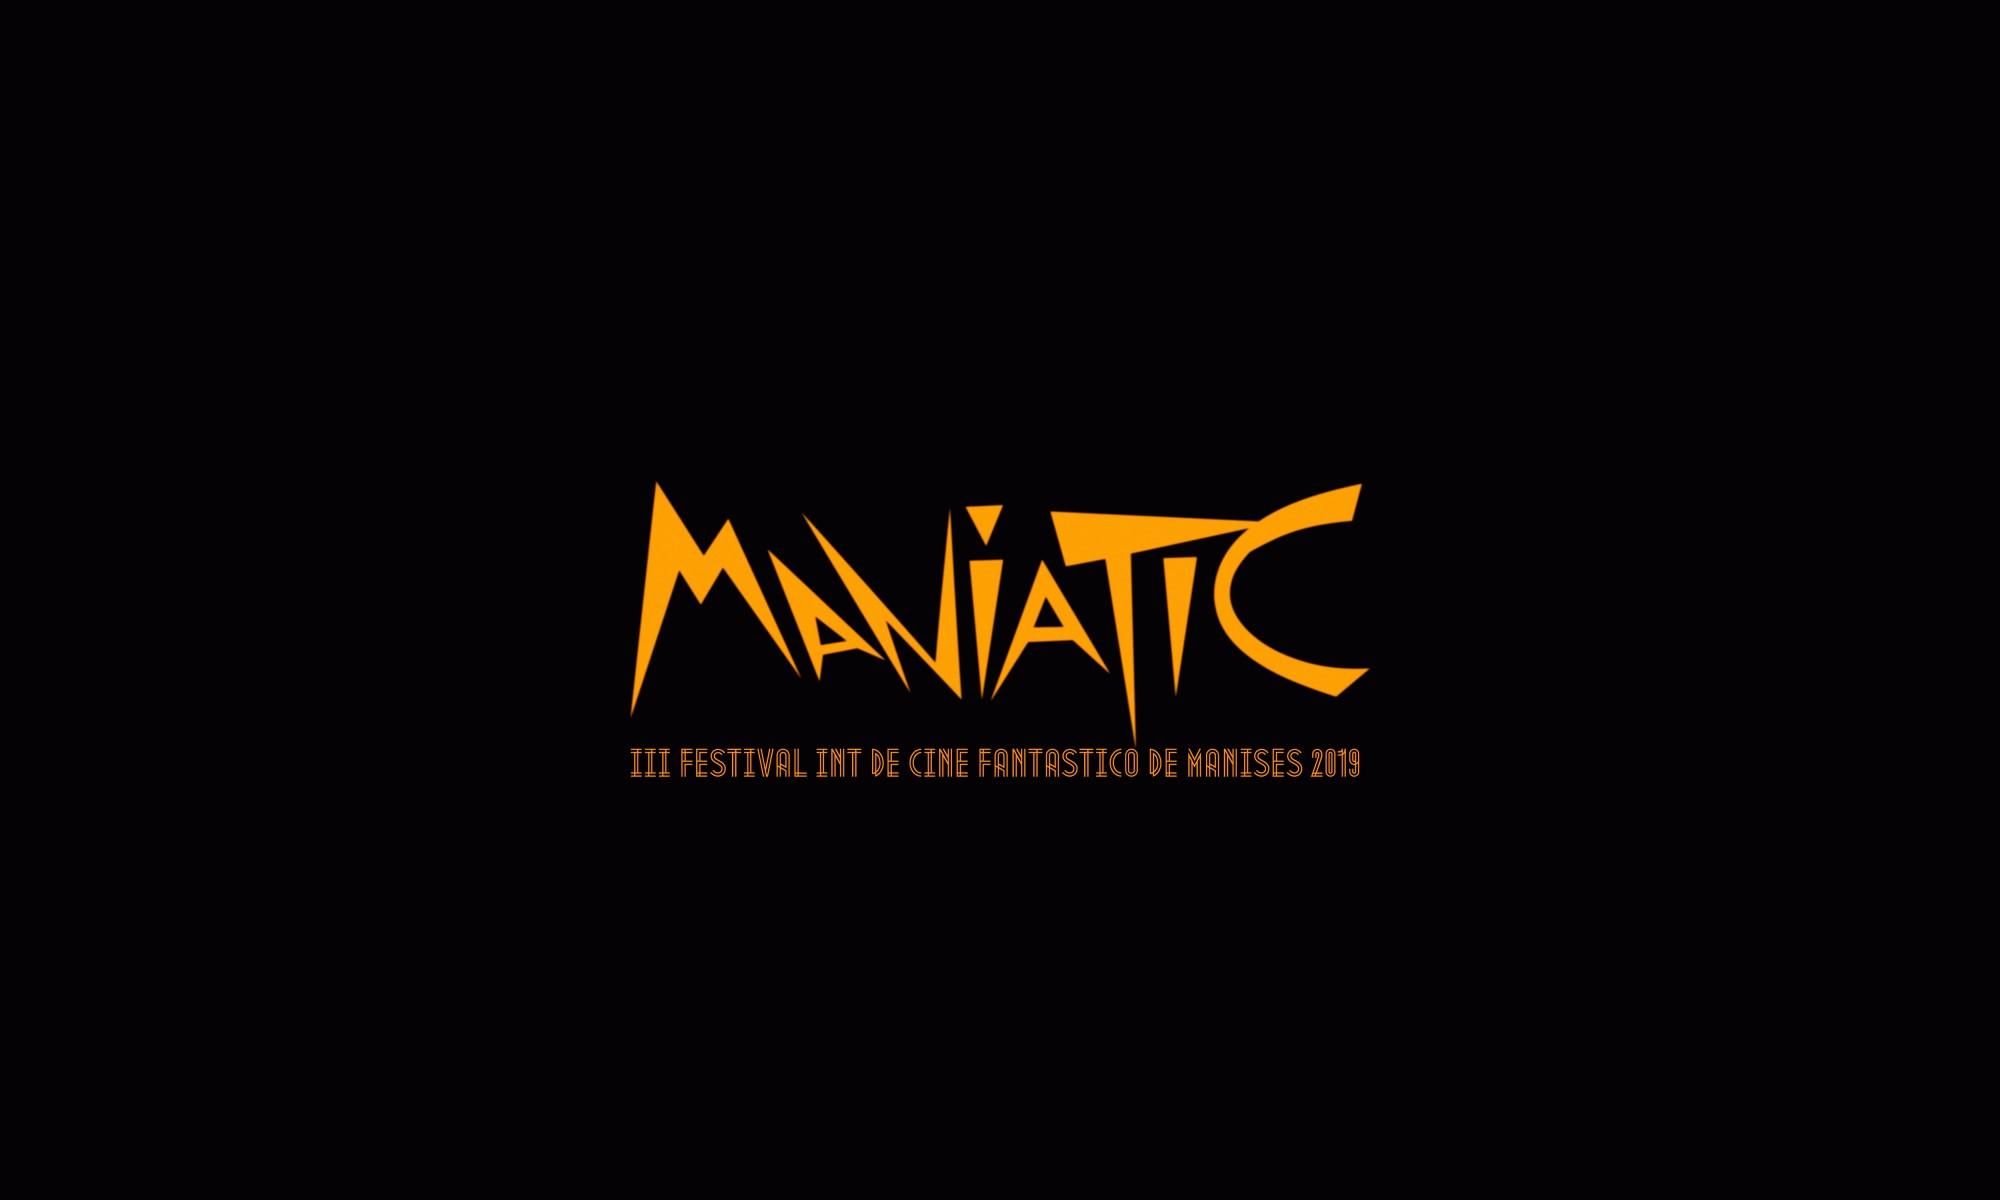 Maniatic Festival Internacional de Cine Fantástico de Manises